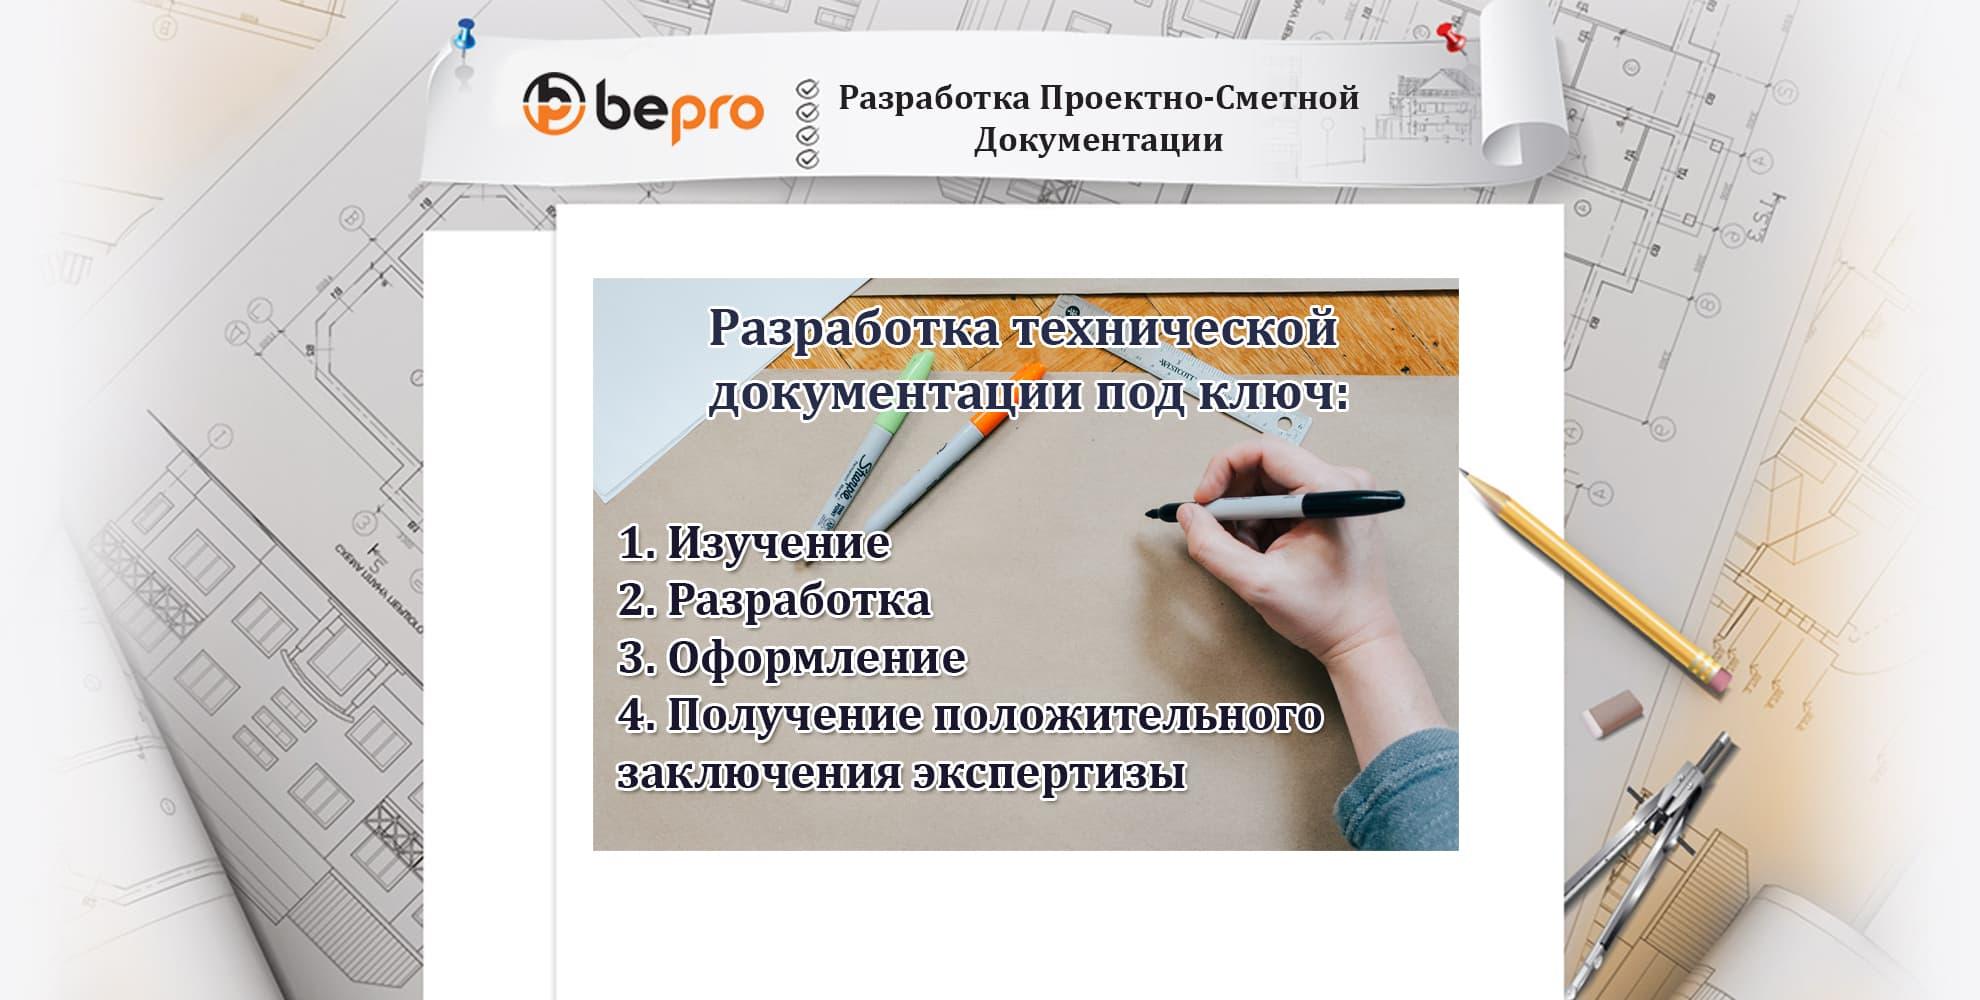 Разработка проектно-сметной документации